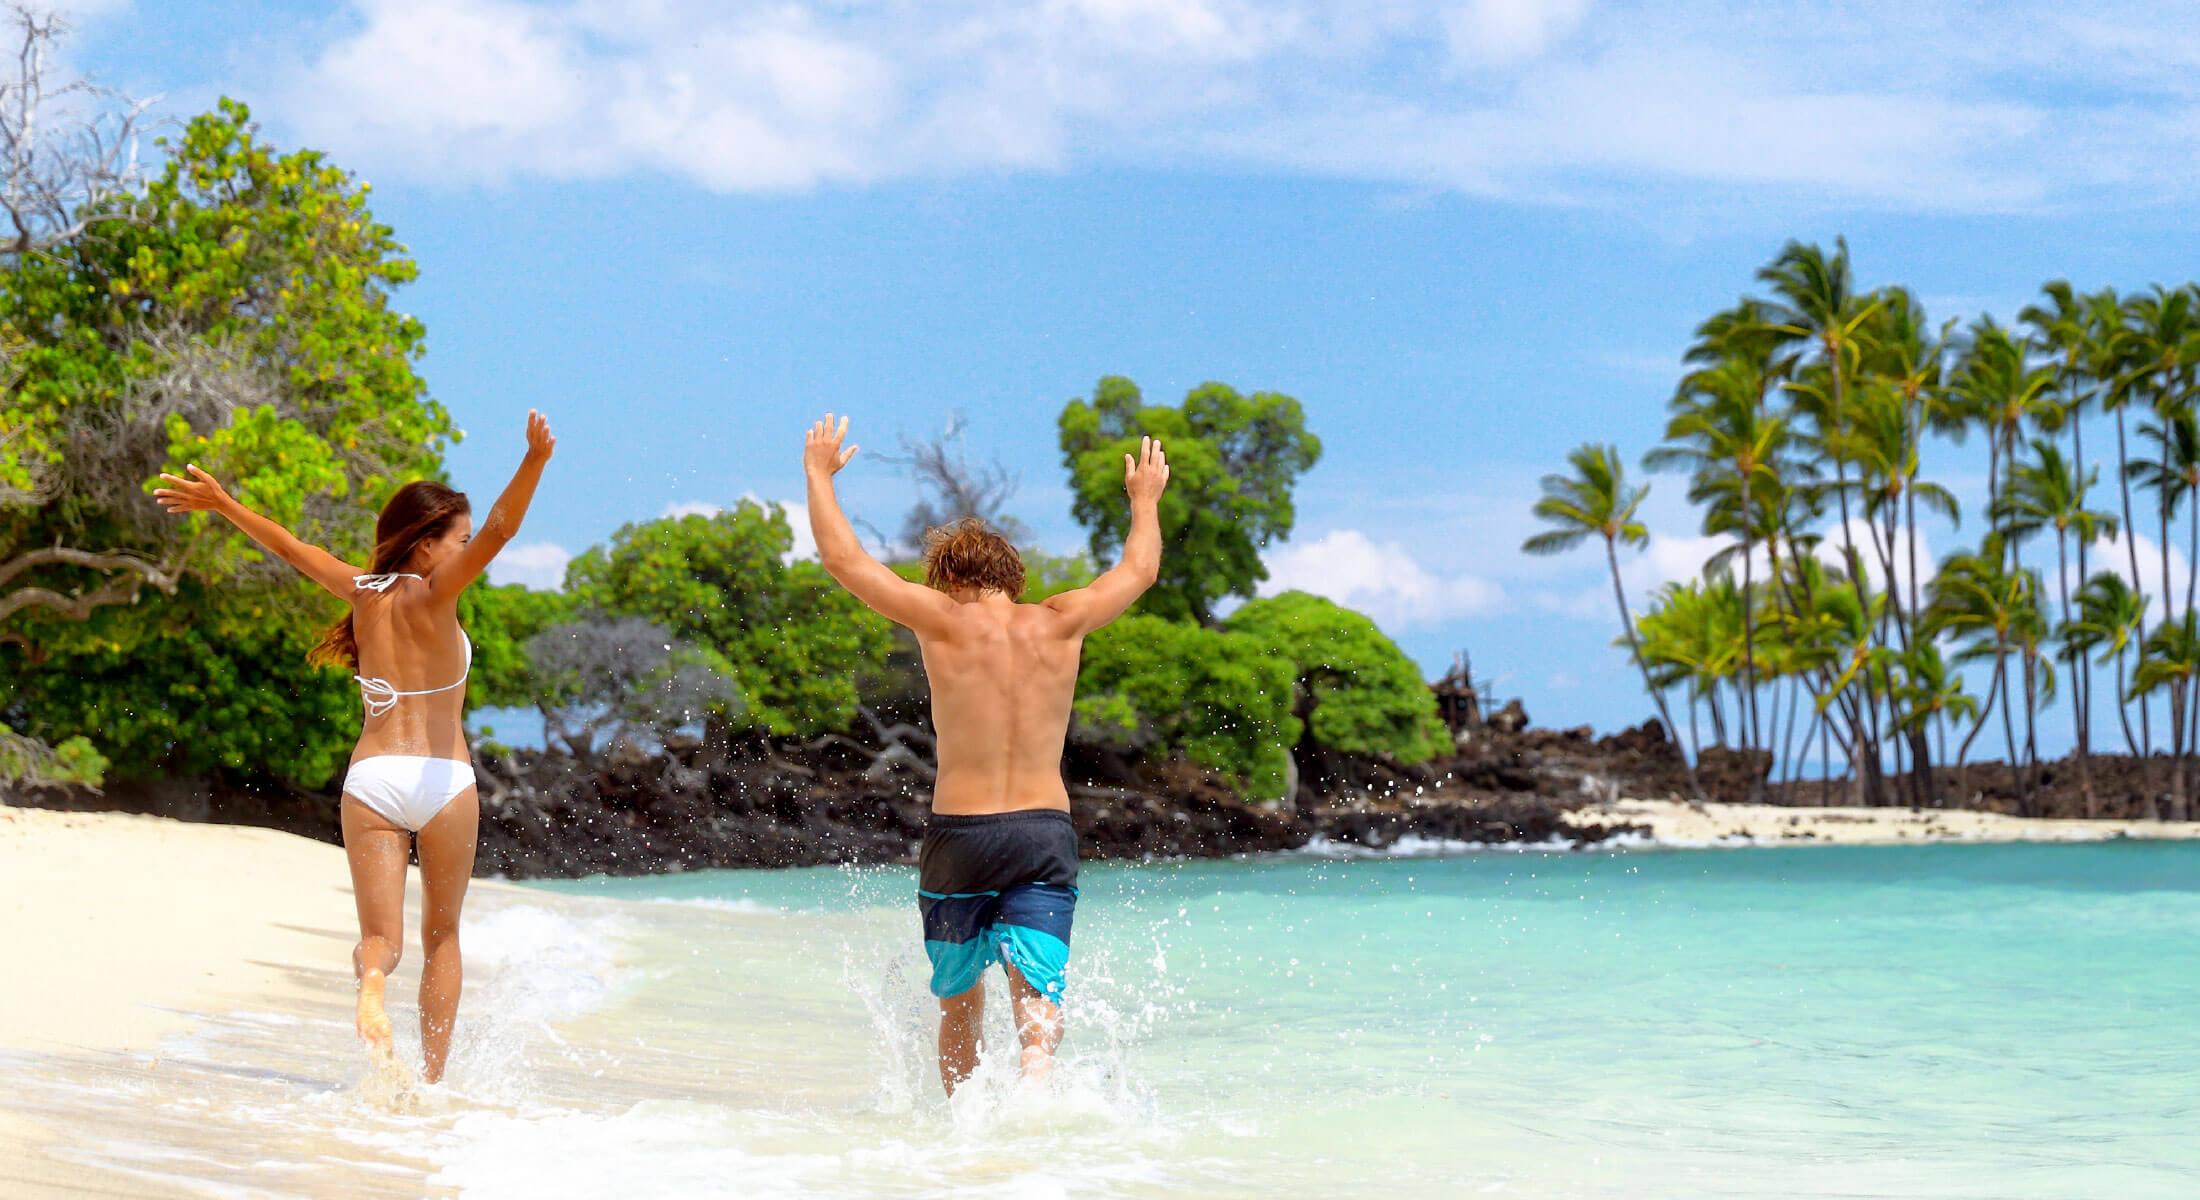 Couple splashing on a white sand beach